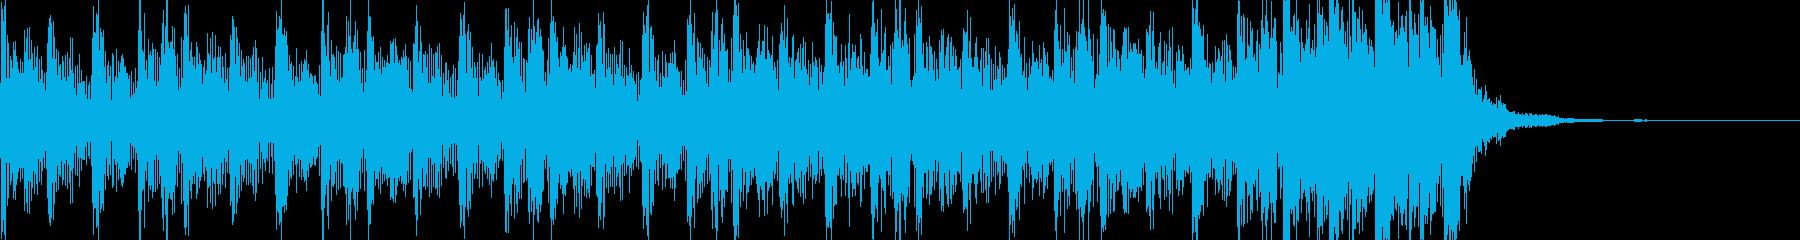 緊迫感のある不気味なハードテクノ15秒の再生済みの波形